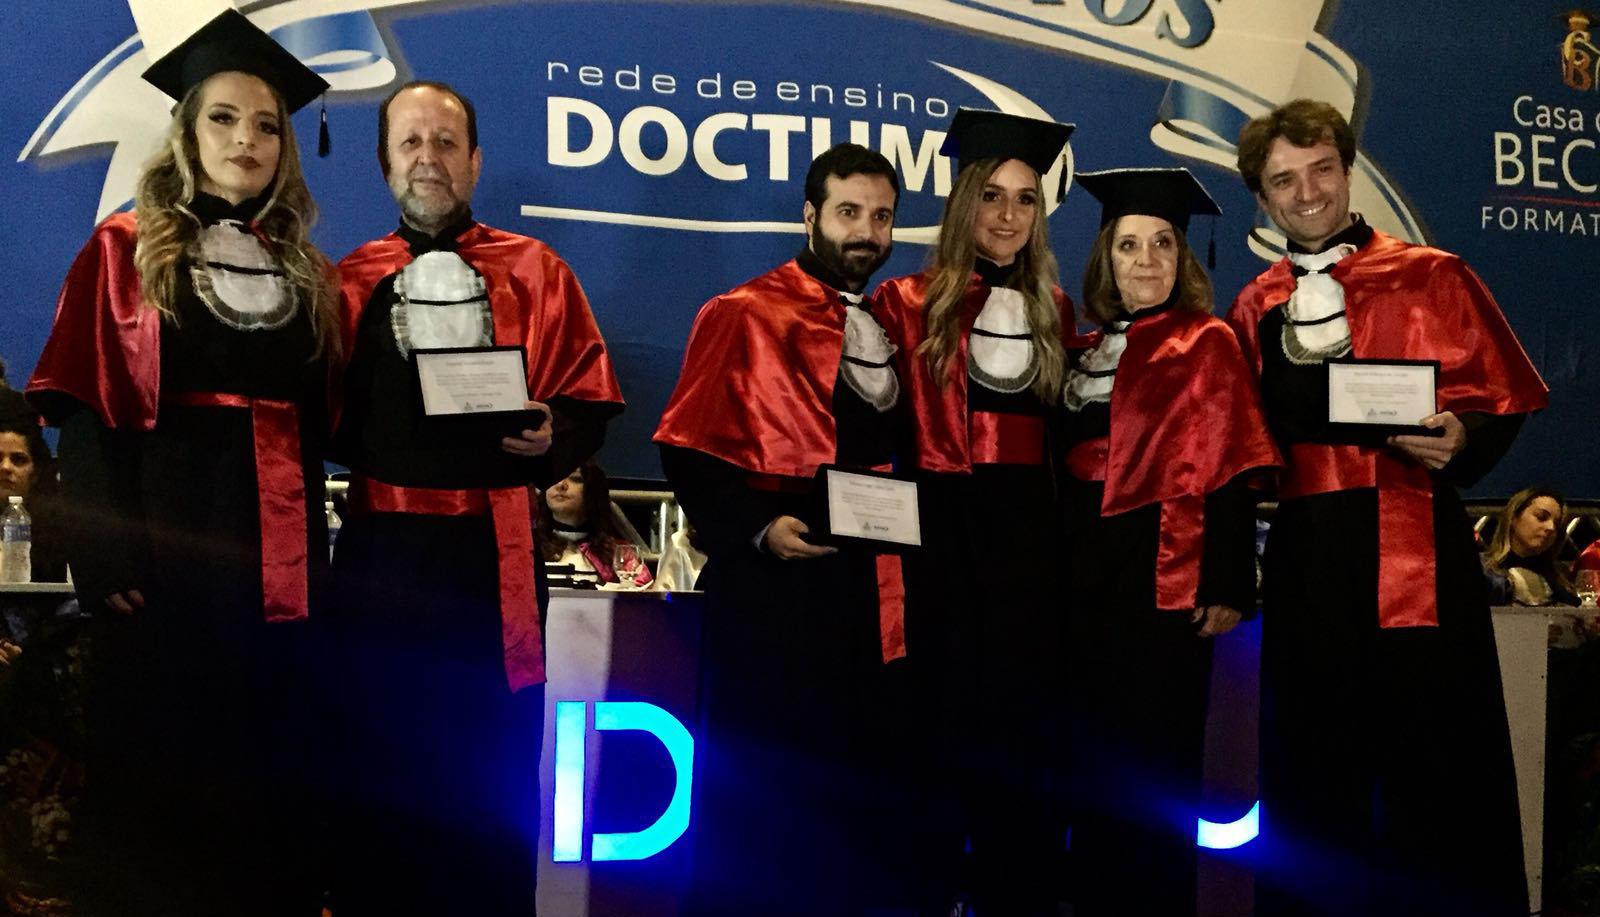 Unidade Doctum Caratinga promove noite de colação de grau